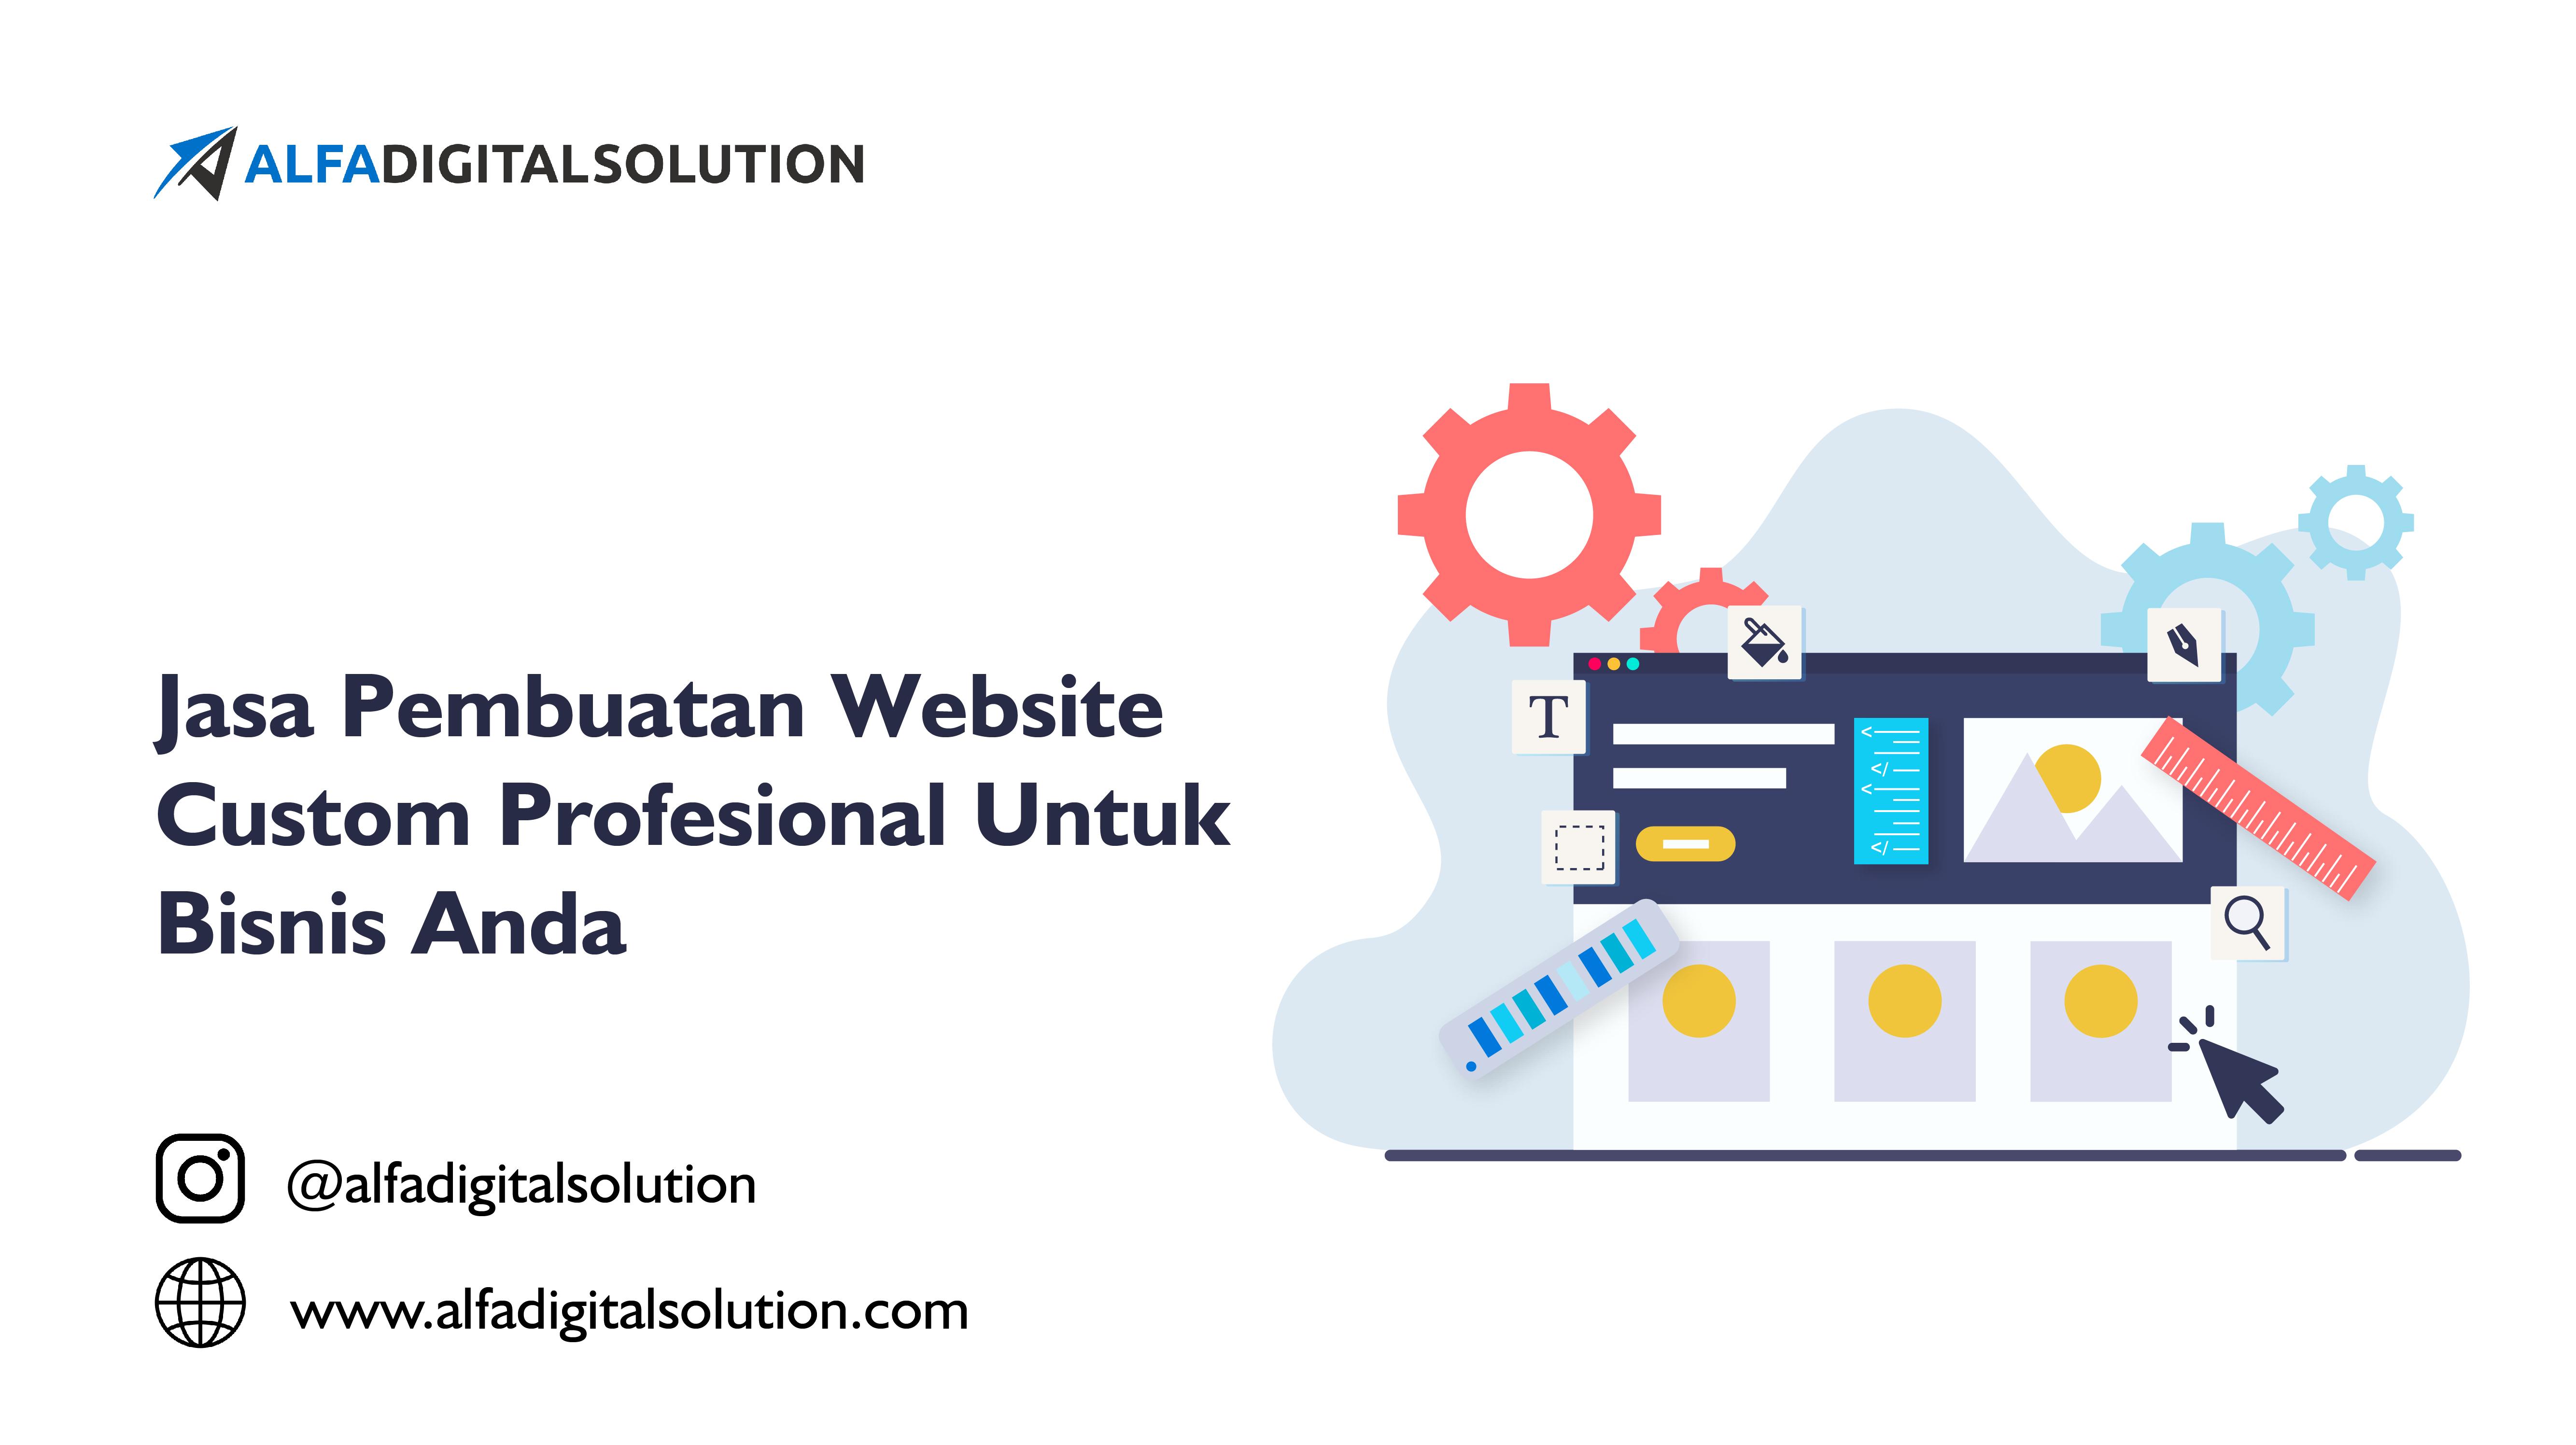 jasa pembuatan website custom profesional untuk bisnis anda